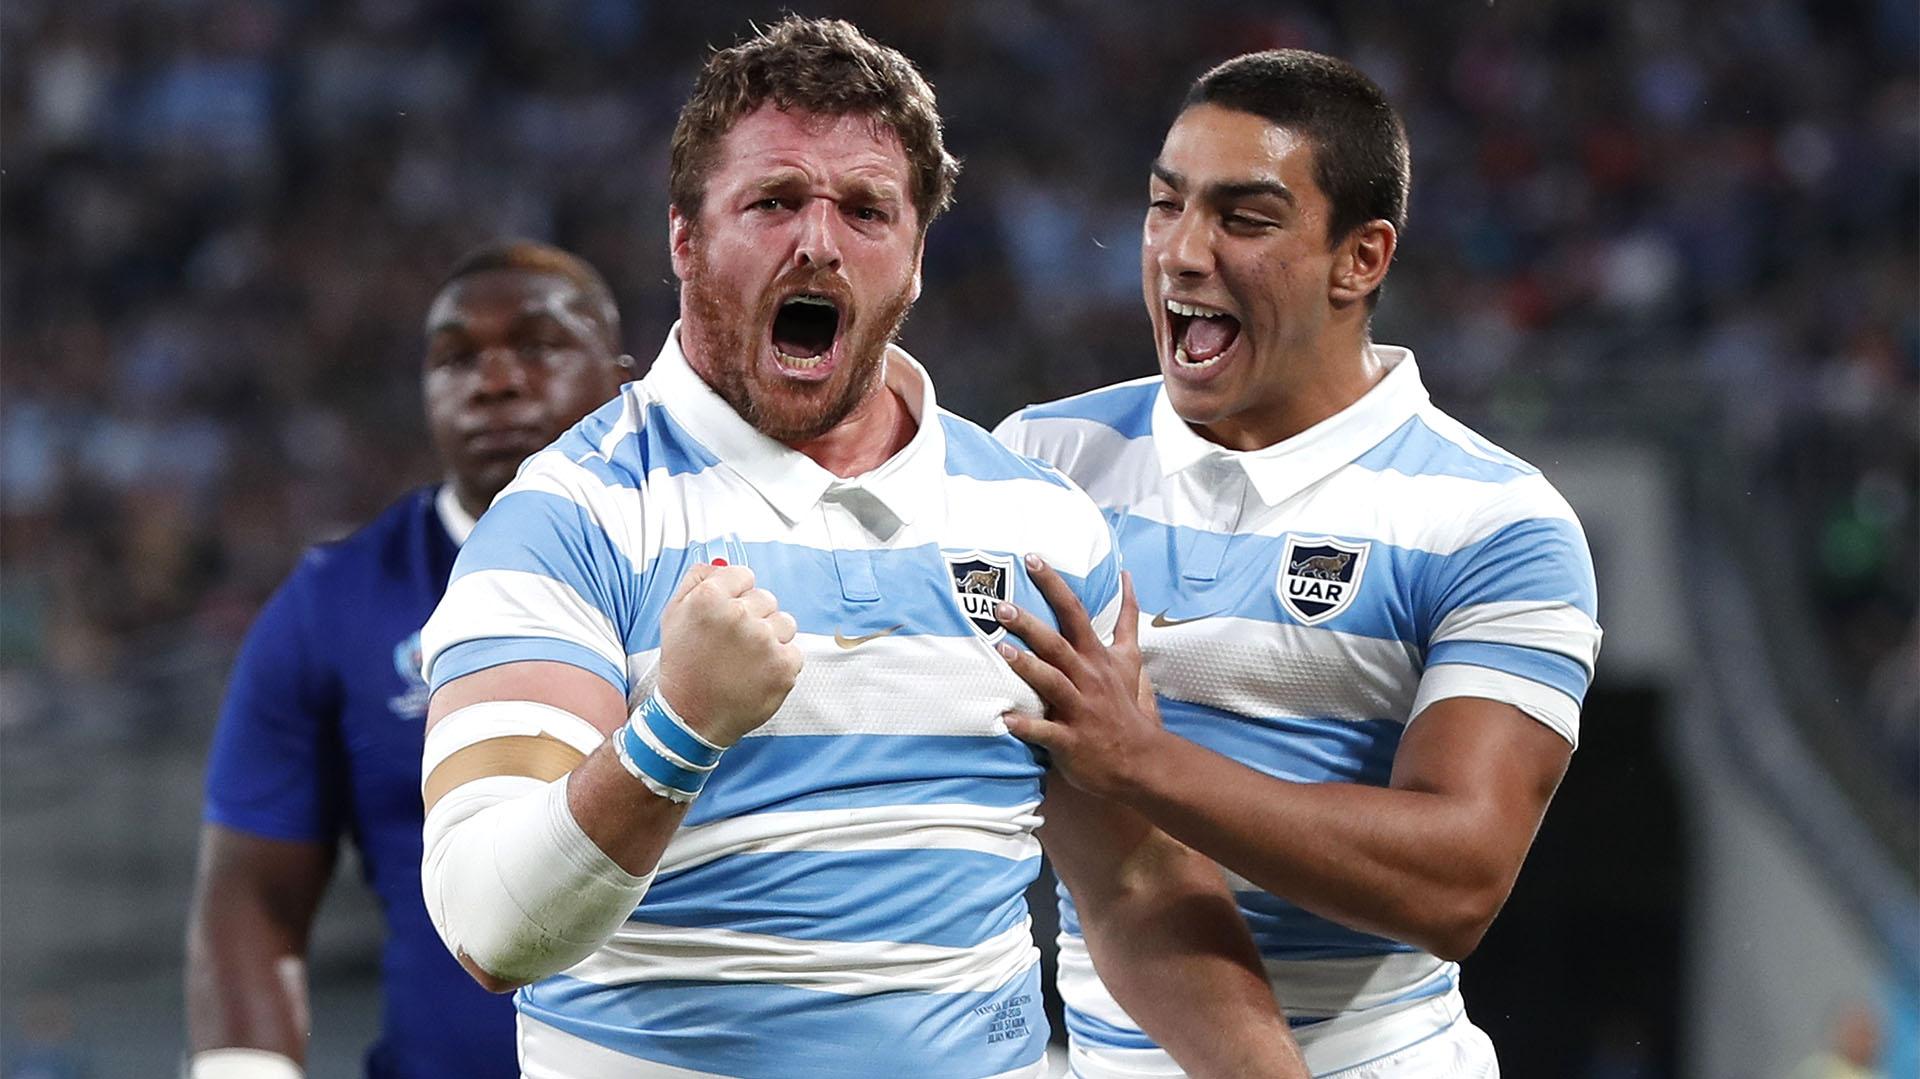 Anual Inocente Emigrar  Las 10 mejores imágenes del estreno de Los Pumas ante Francia por el Mundial  de rugby Japón 2019 - Infobae